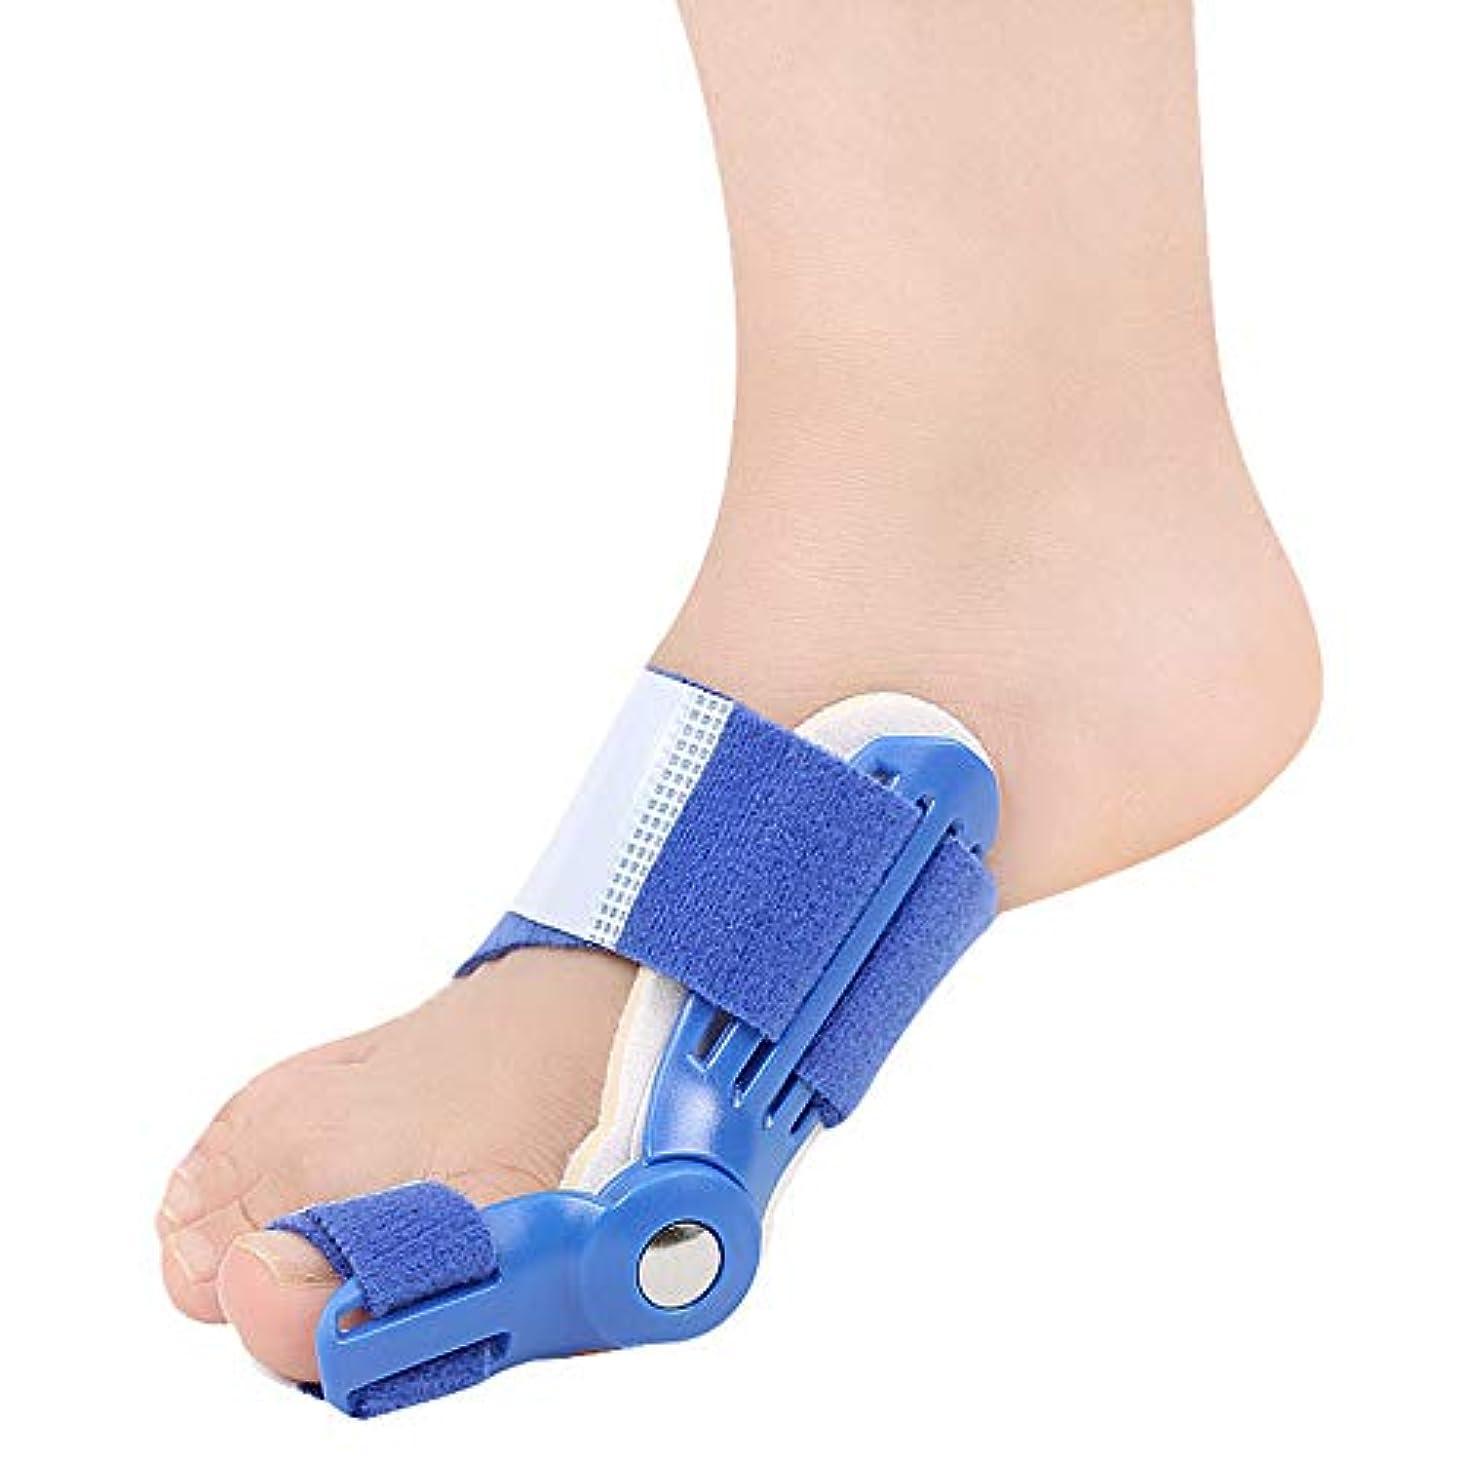 十分です樫の木ミルつま先セパレーターは、ヨガのエクササイズ後のつま先重なりの腱板ユニバーサル左右ワンサイズ予防の痛みと変形を防ぎます,ブルー